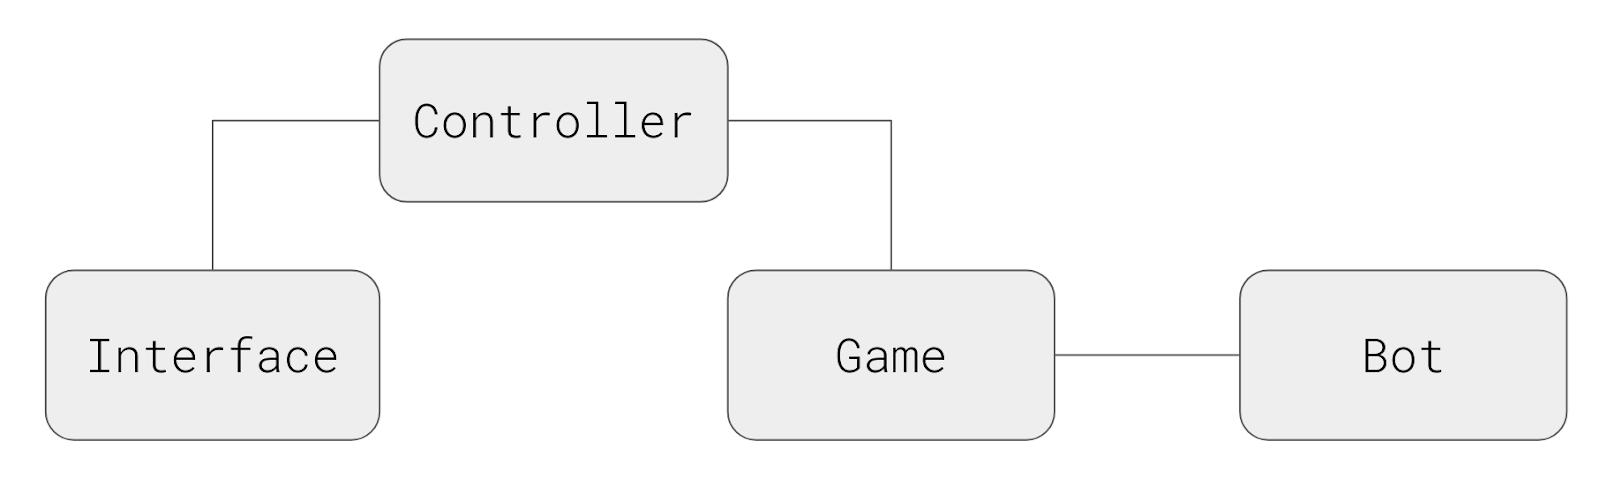 4 угла хорошо, а 6 лучше: гексагональные шахматы в консоли и с ботом - 3